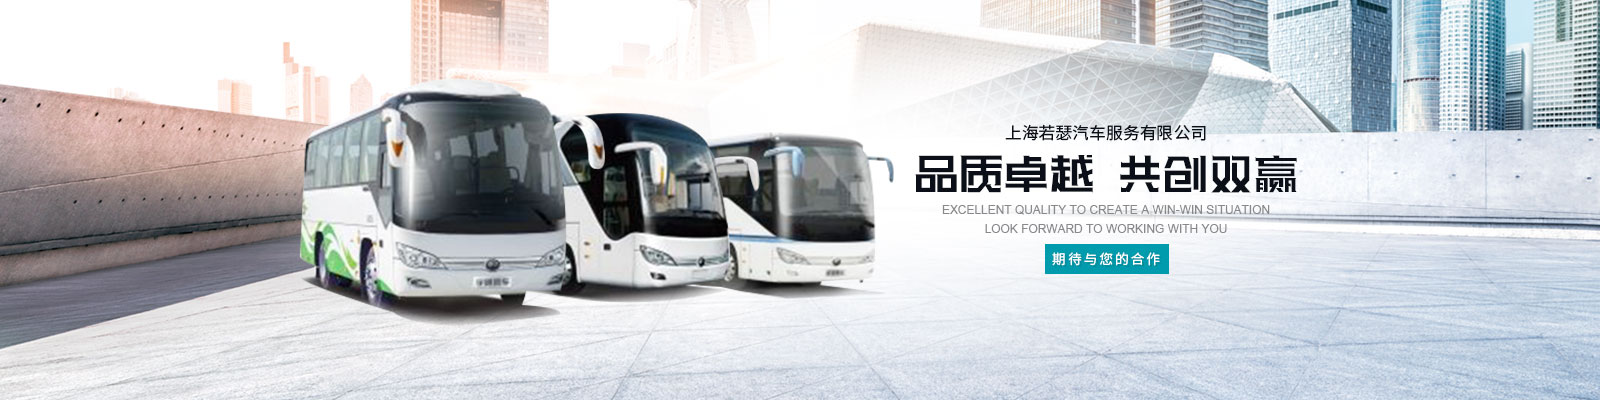 上海高档汽车租赁